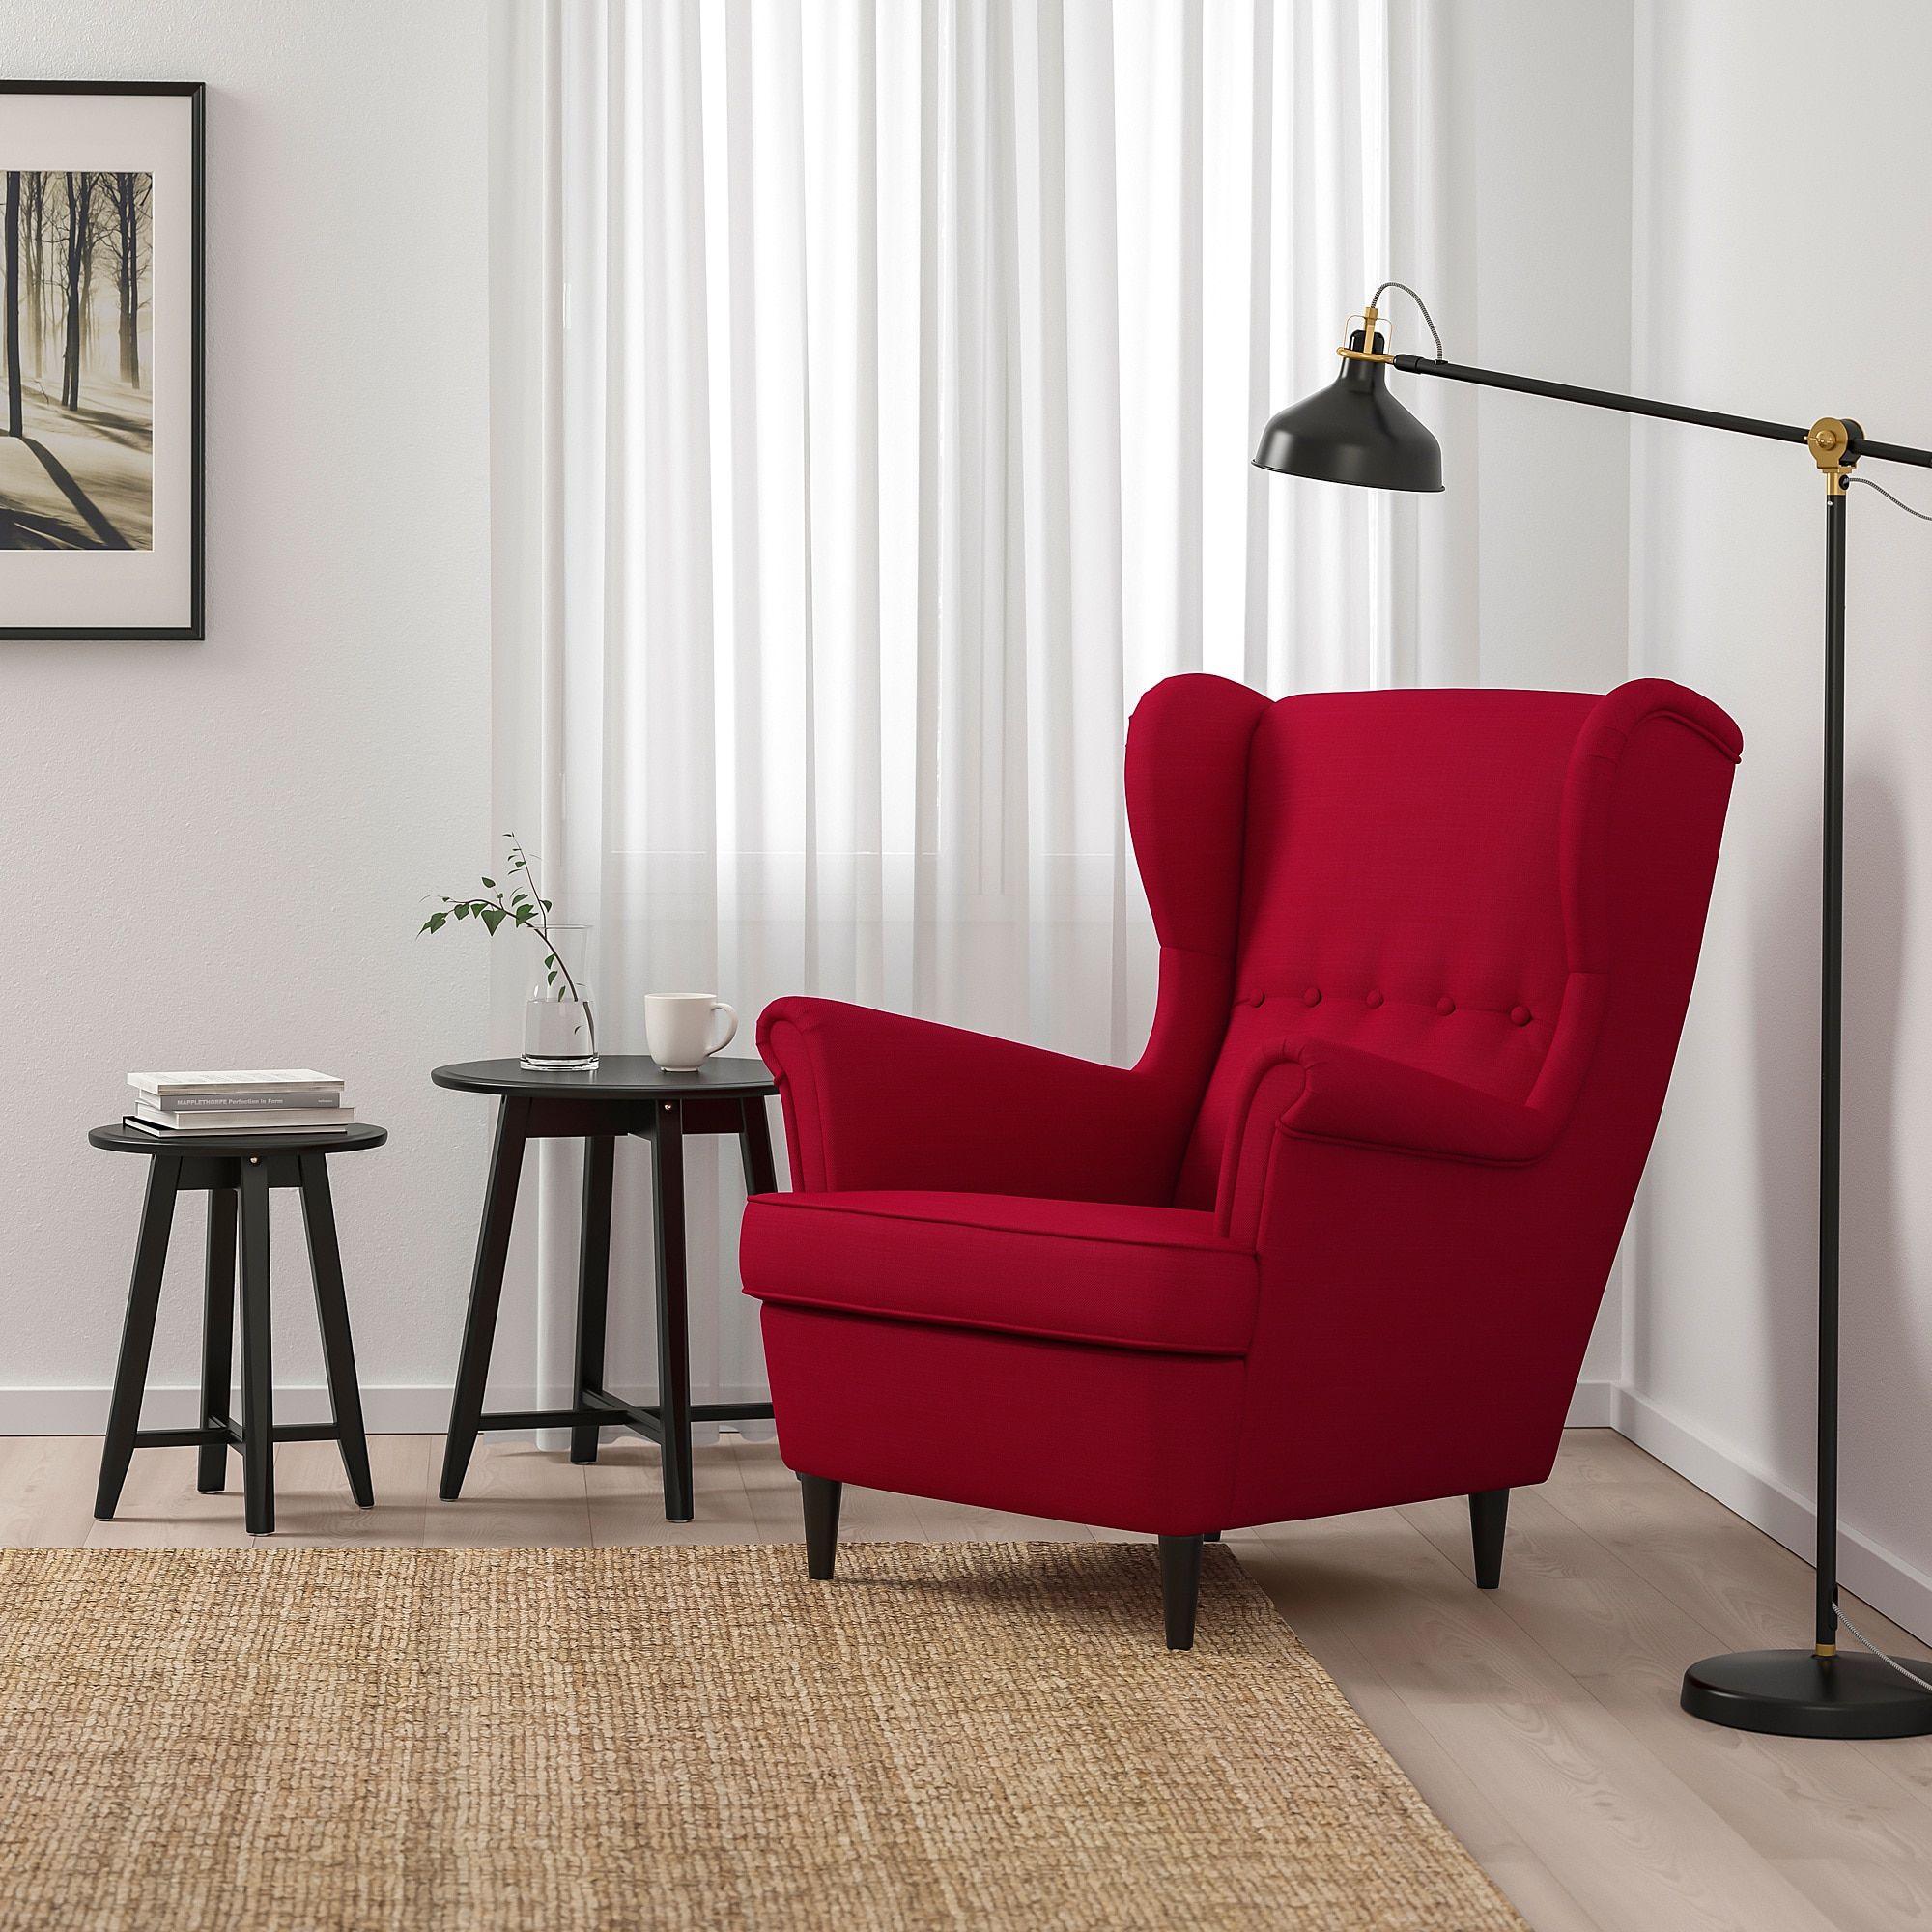 Fauteuil Ikea Strandmon Nordvalla Rouge.Ikea Strandmon Arm Chair Nordvalla Red Ekkor 2019